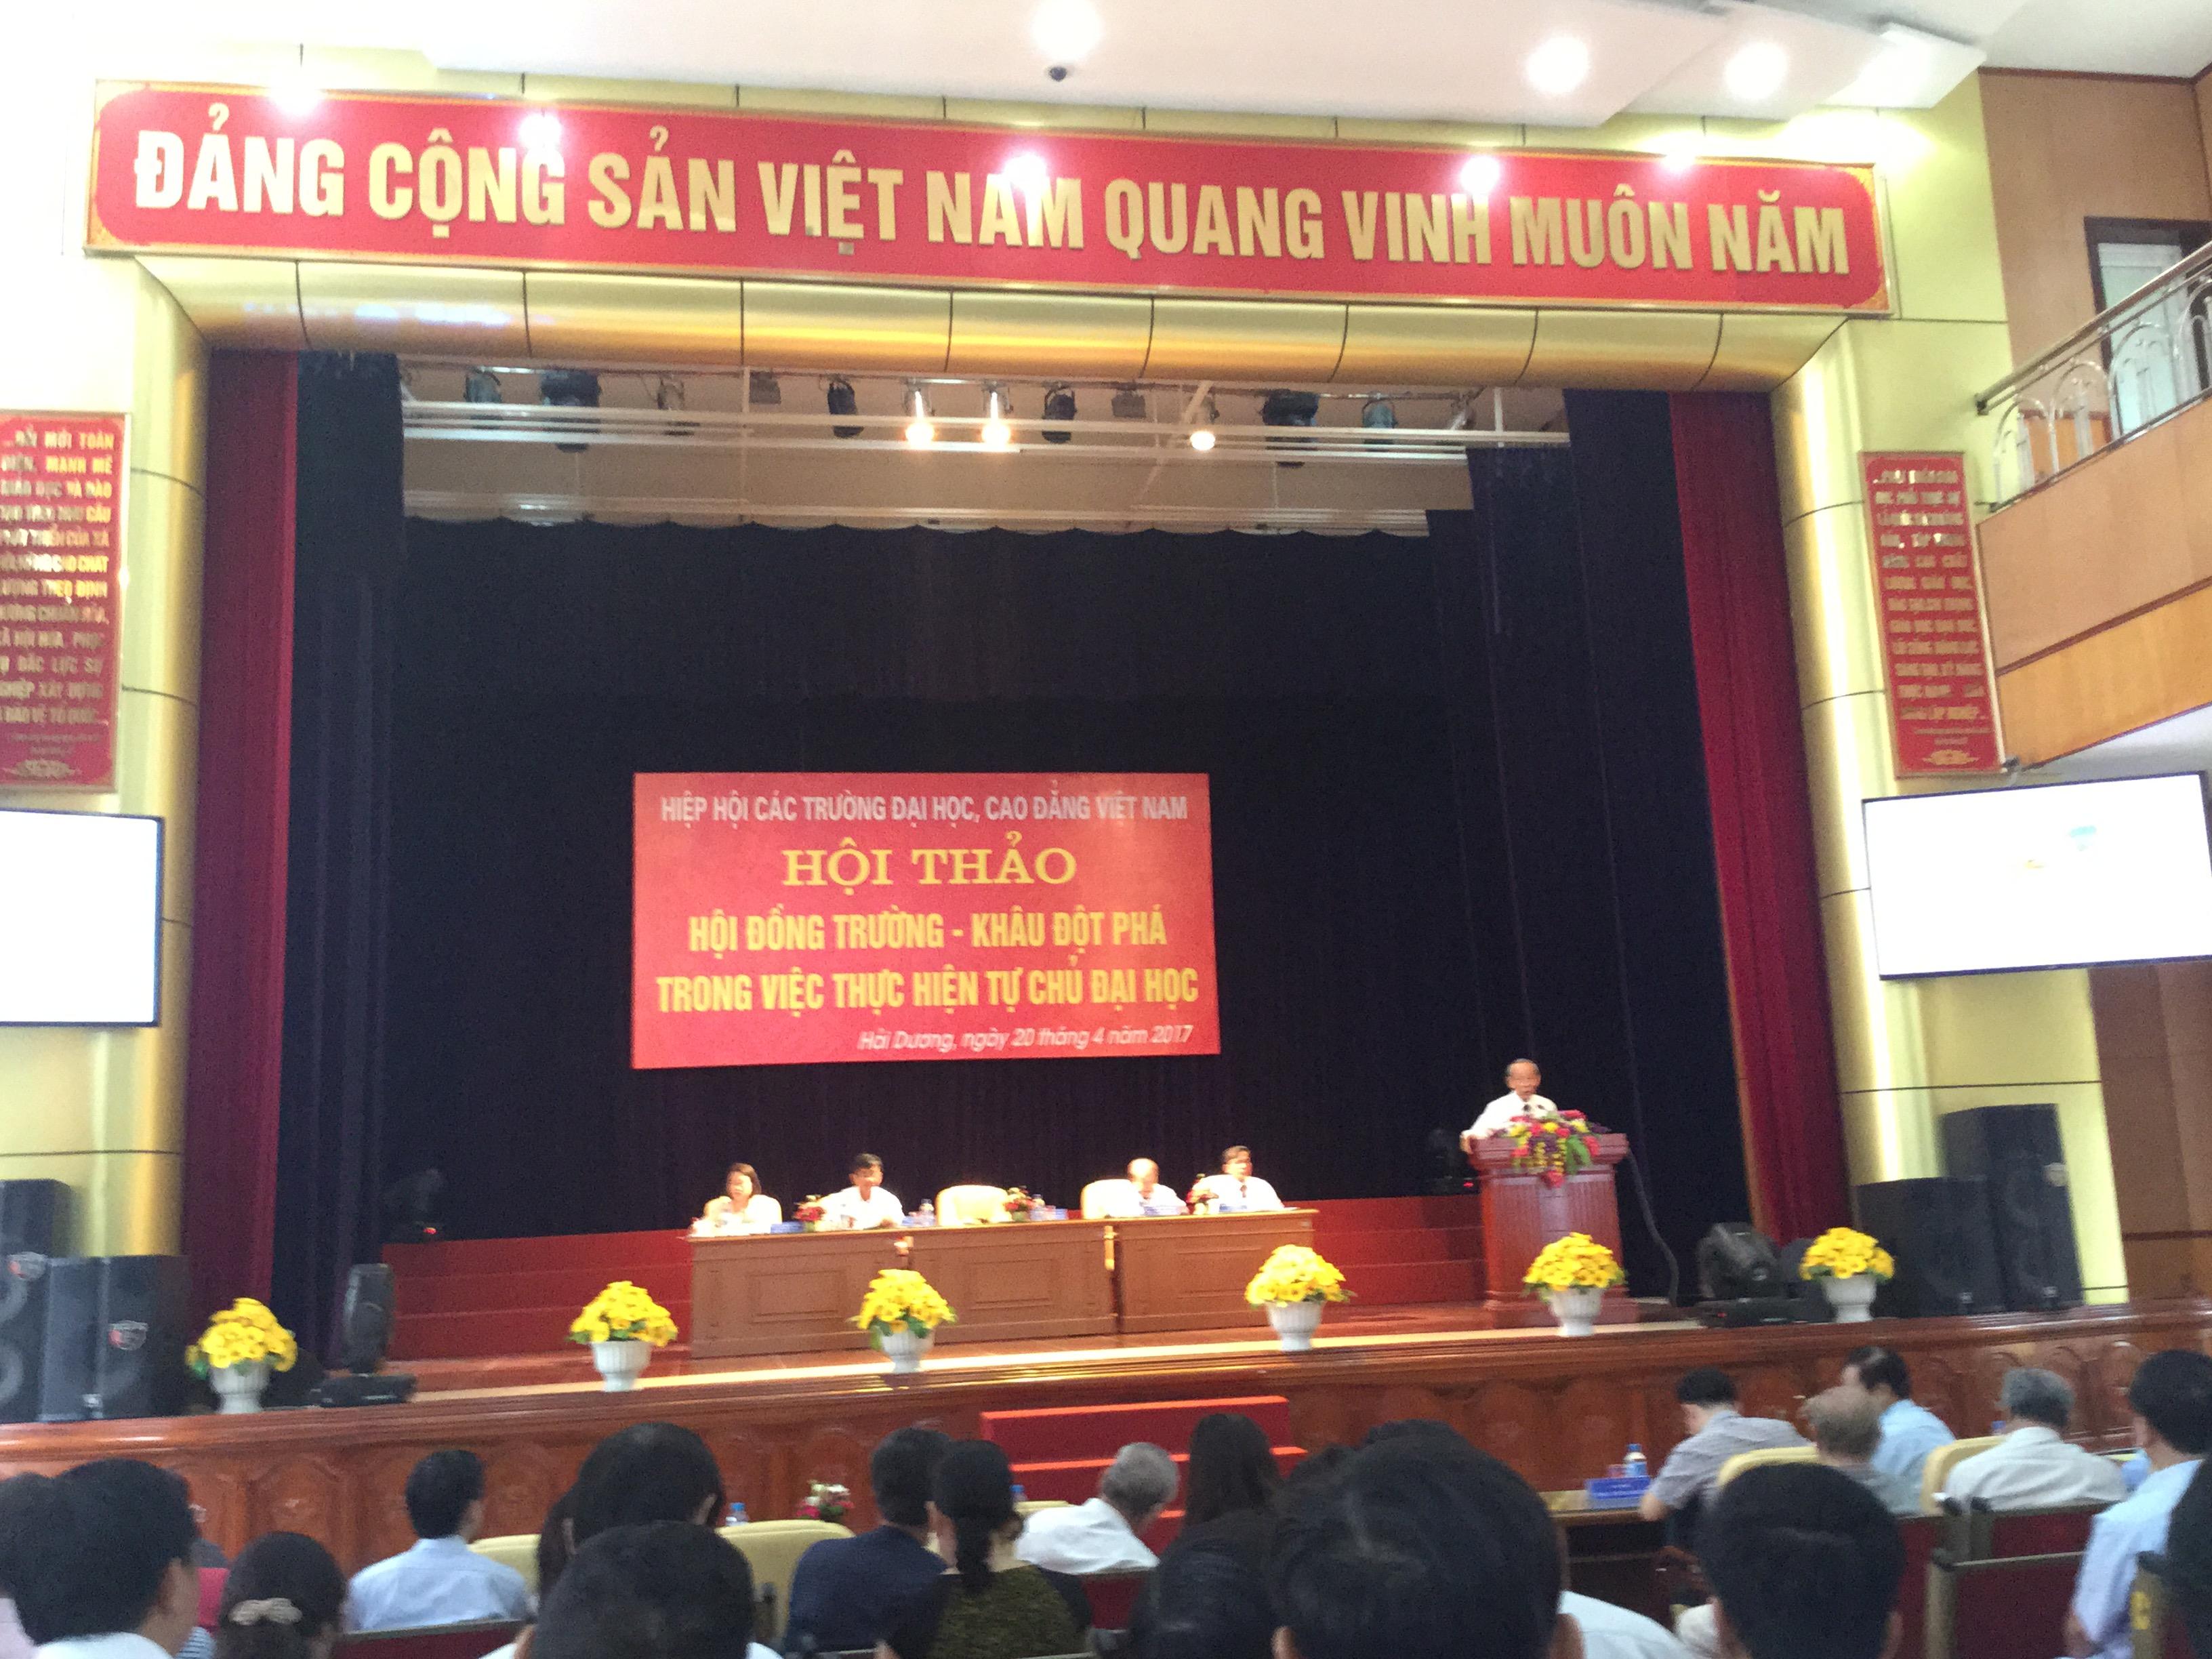 """Trường ĐHCN QN tham dự Hội thảo """"Hội đồng trường – Khâu đột phá trong việc thực hiện tự chủ đại học"""""""